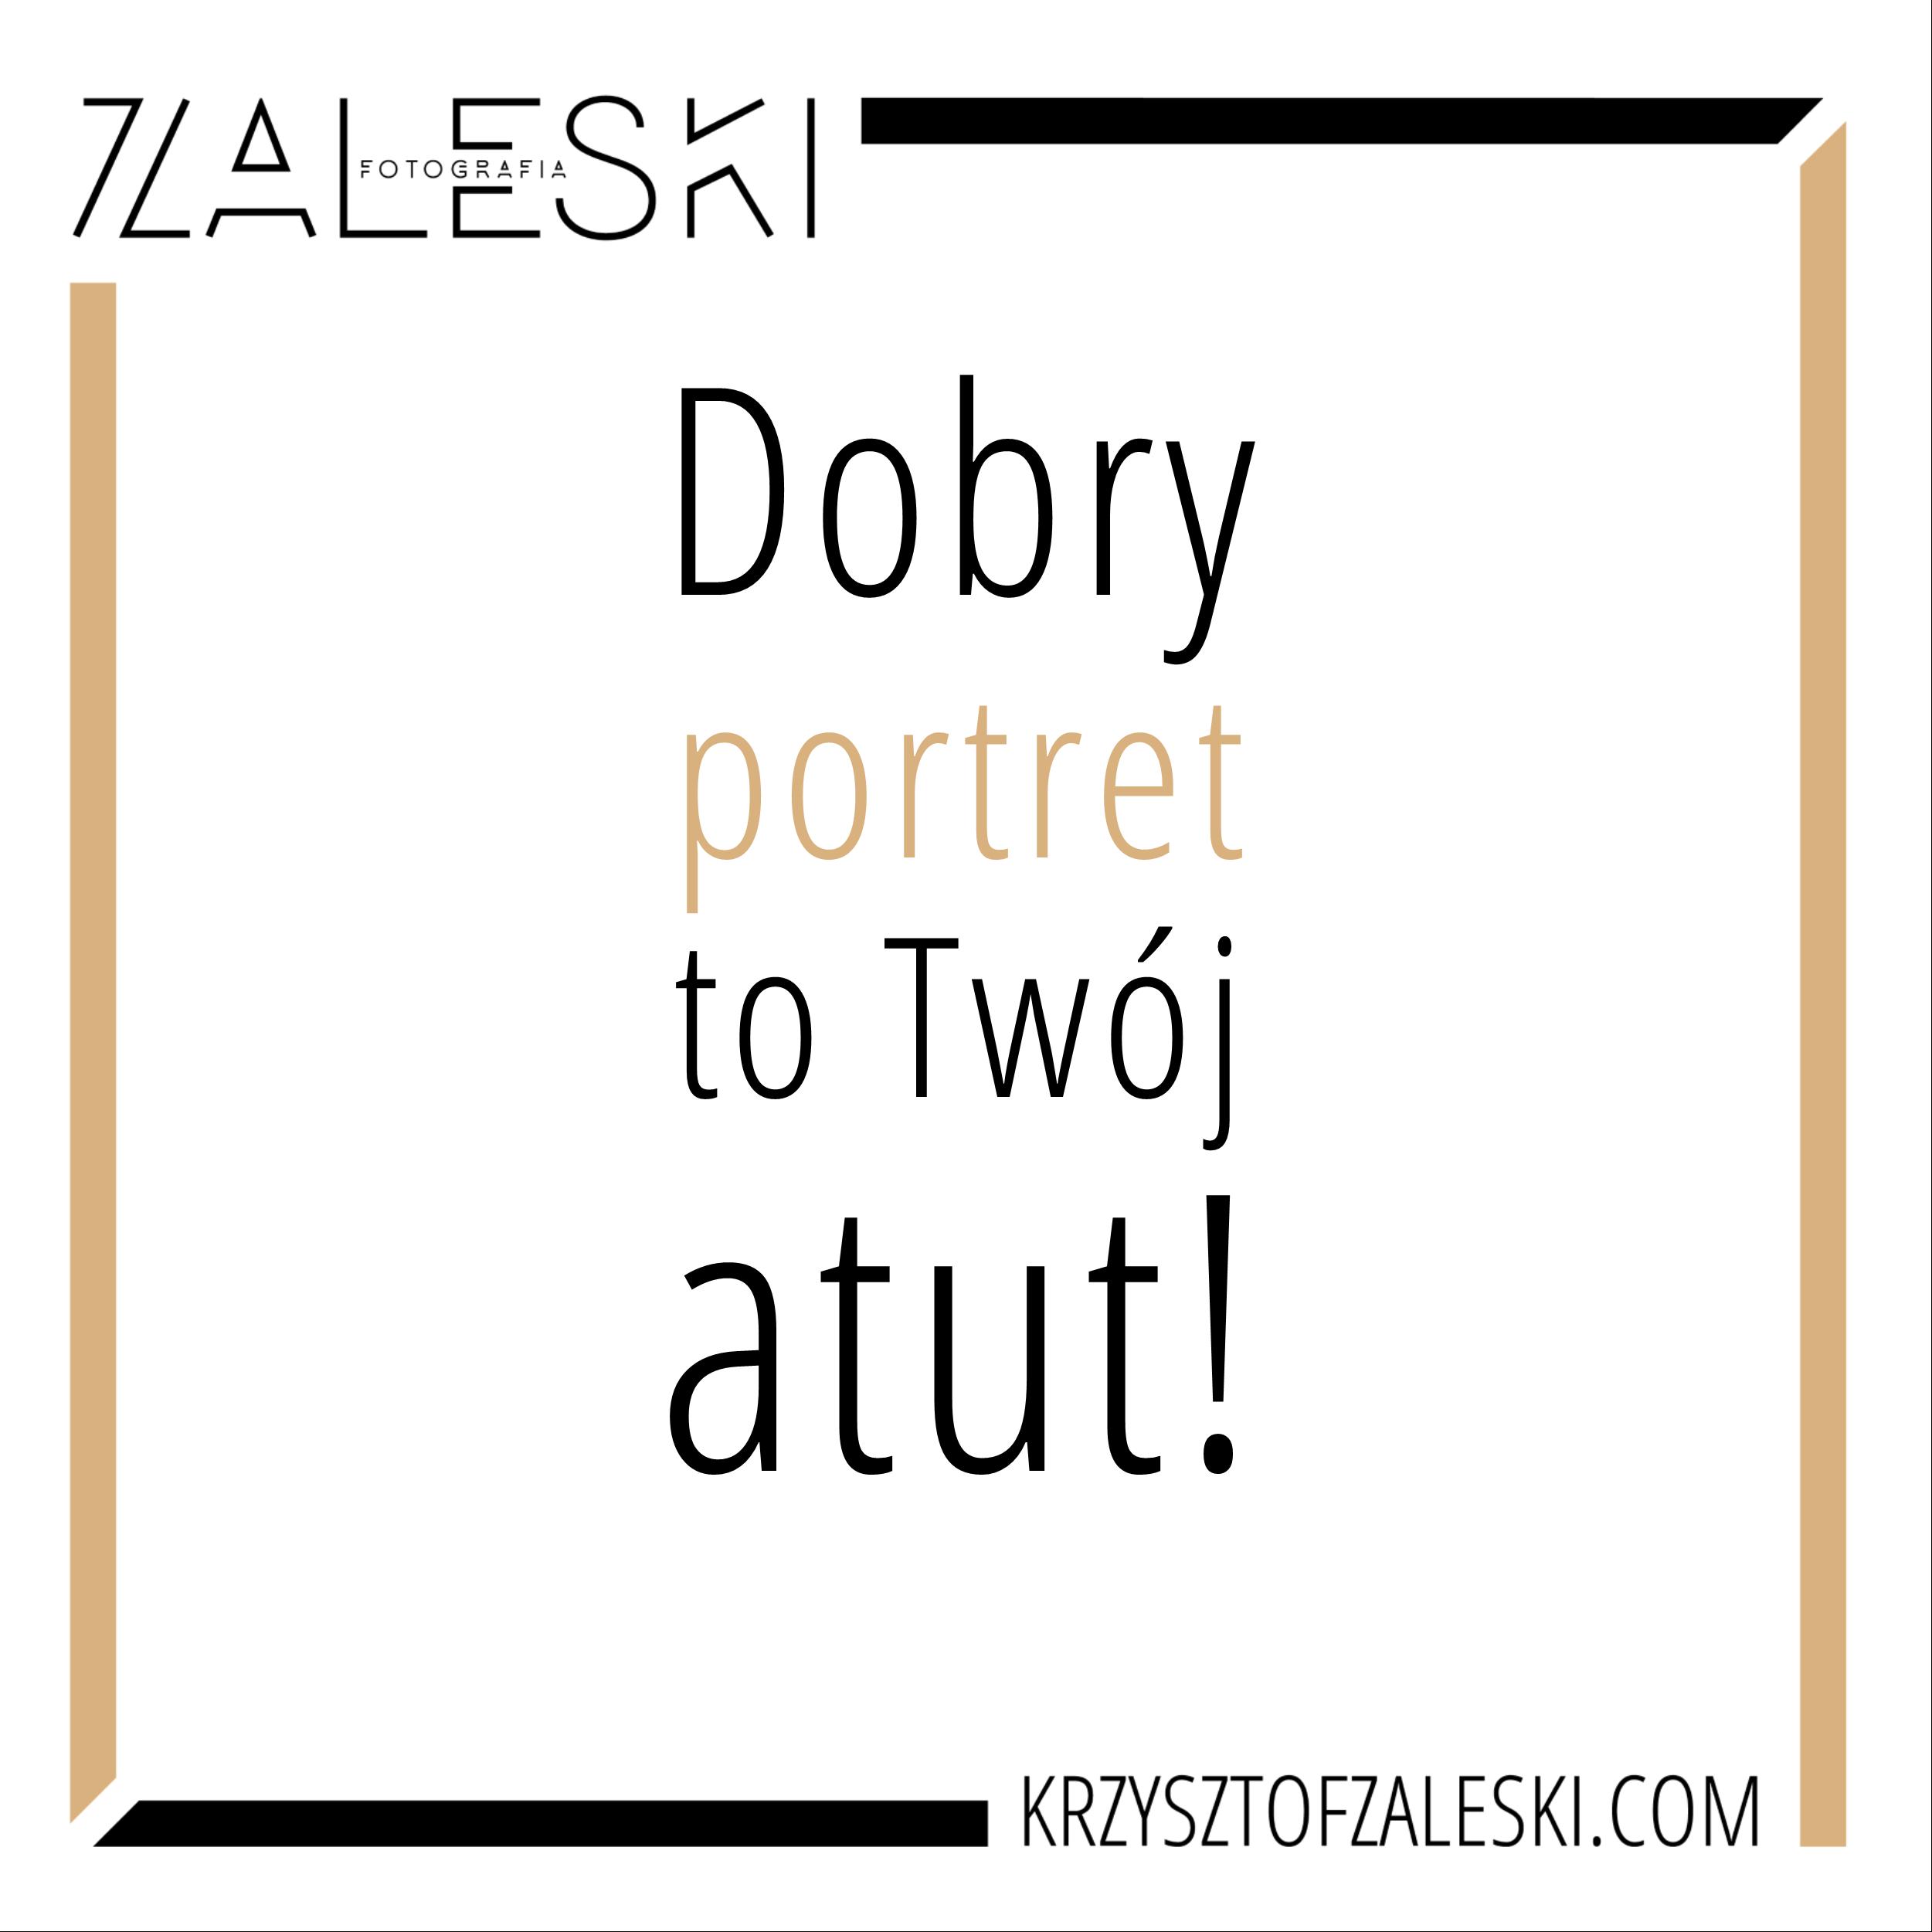 prawnik-w-obiektywie-dobry-portret-to-Twoj-atut-team-ZaleskiFotografia-biznesowa-PL.png